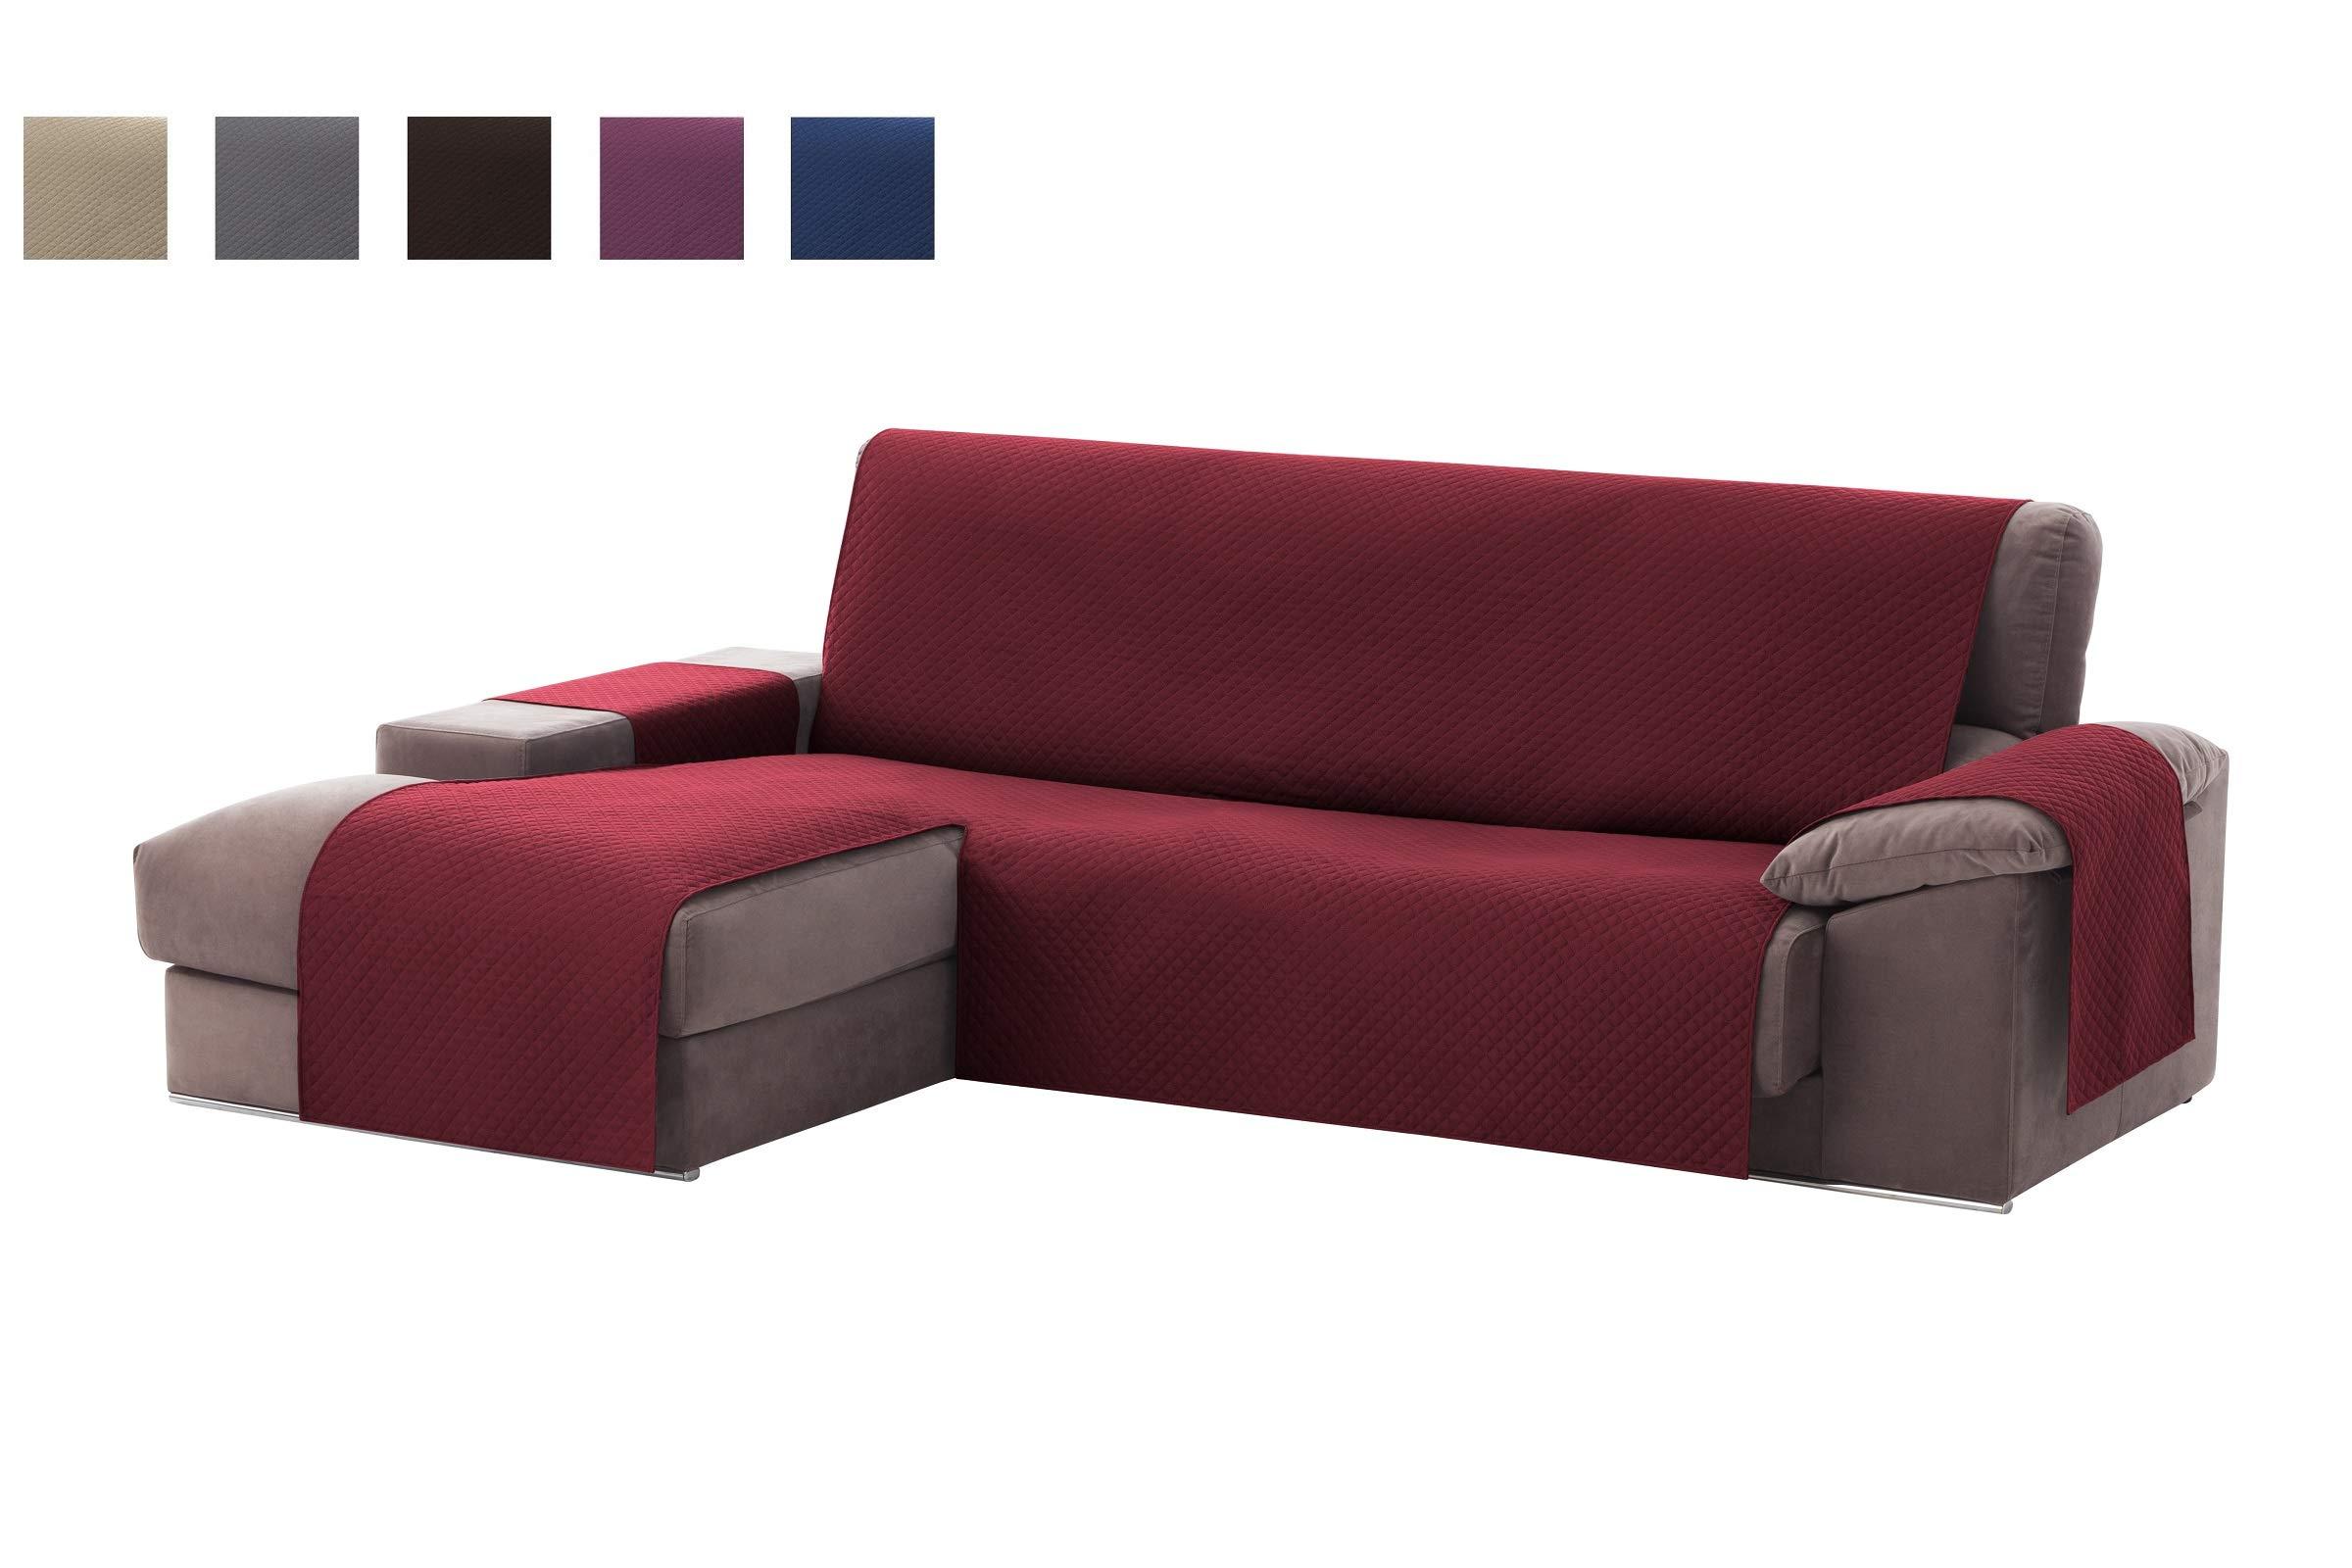 Full Size of überwurf Sofa Am Besten Bewertete Produkte In Der Kategorie Berwrfe Gelb Inhofer Modulares Zweisitzer Günstig Copperfield U Form Xxl Schillig Mit Sofa überwurf Sofa